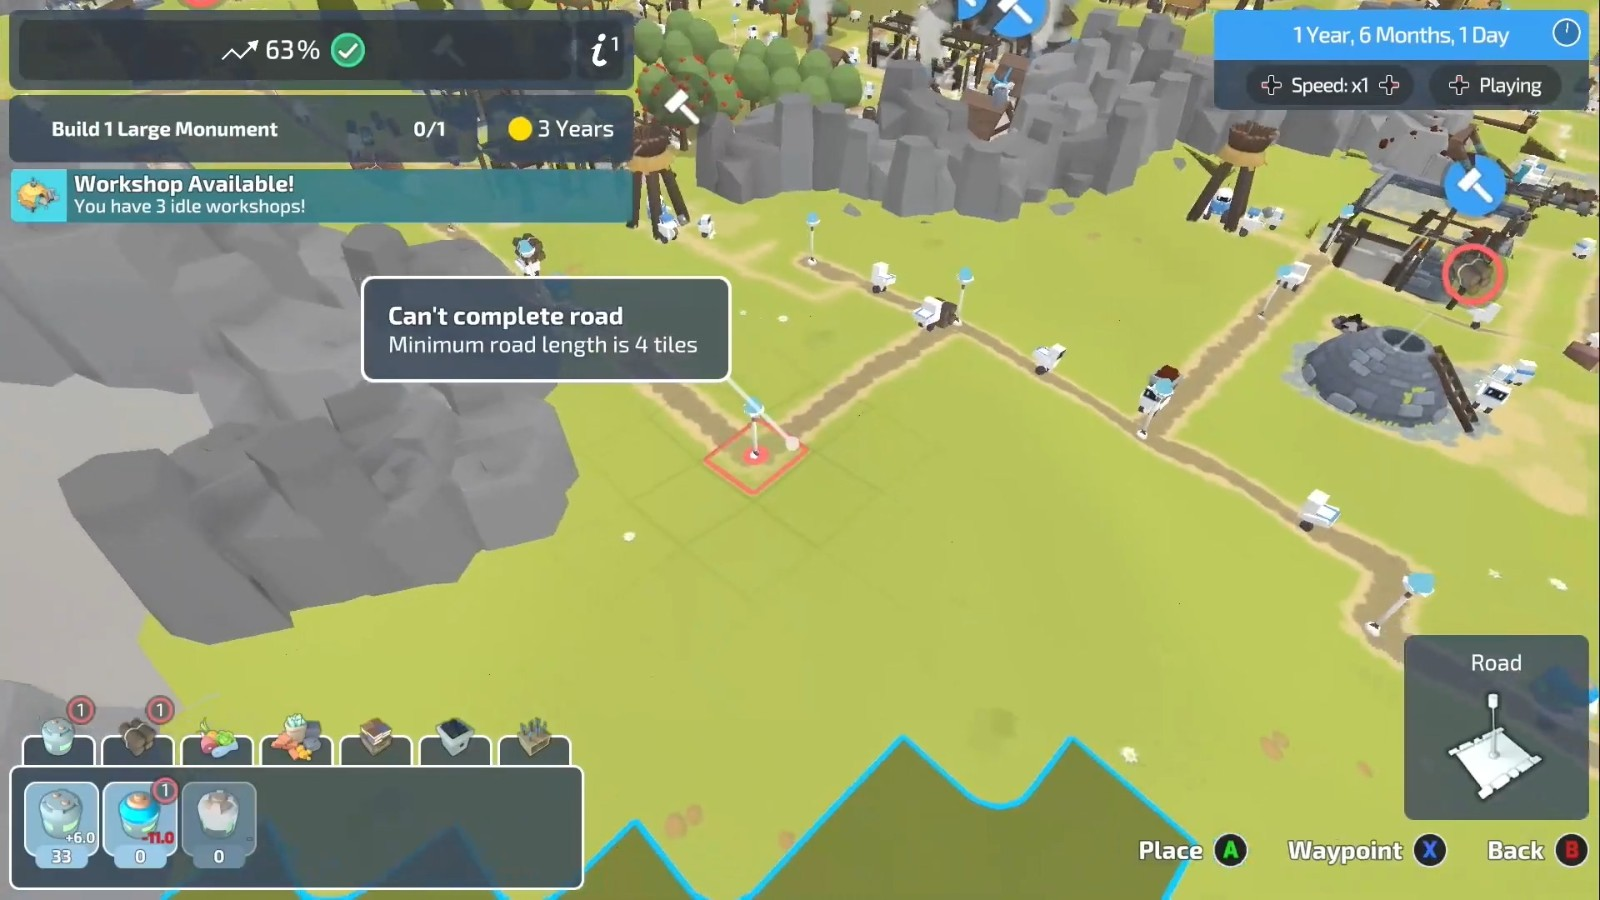 特别好评模拟经营游戏《殖民者》5月4日登陆主机